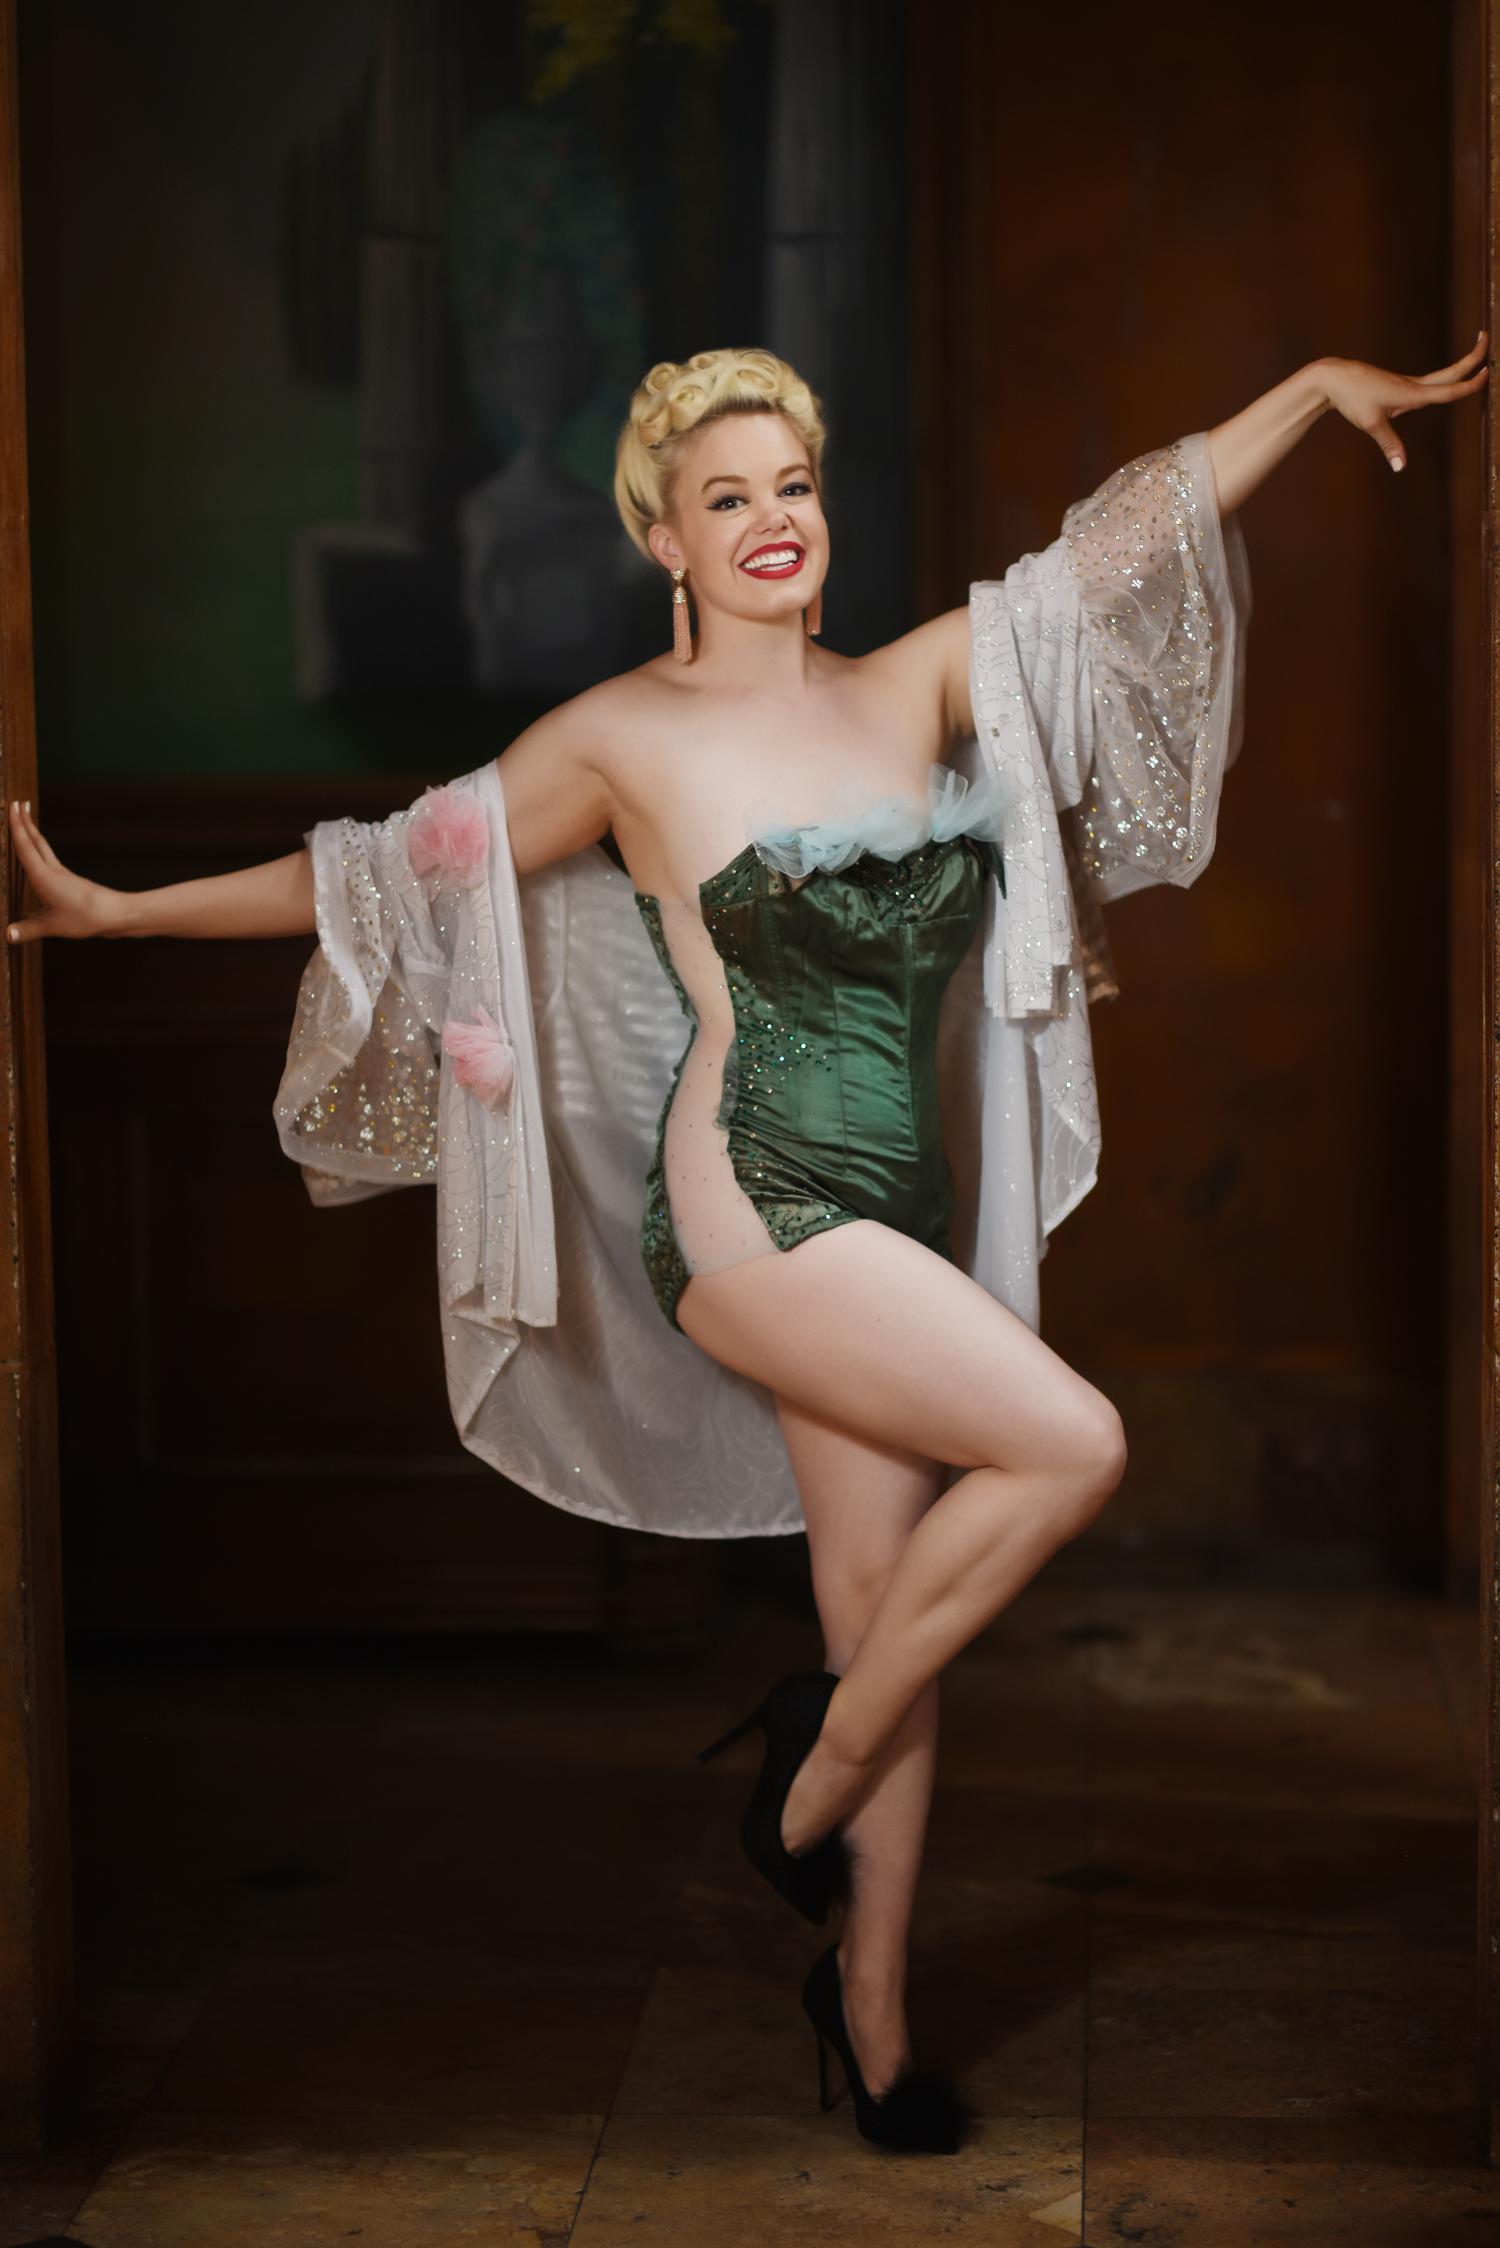 Burlesque Portraits Denver and Nashville by La Photographie 07.jpg